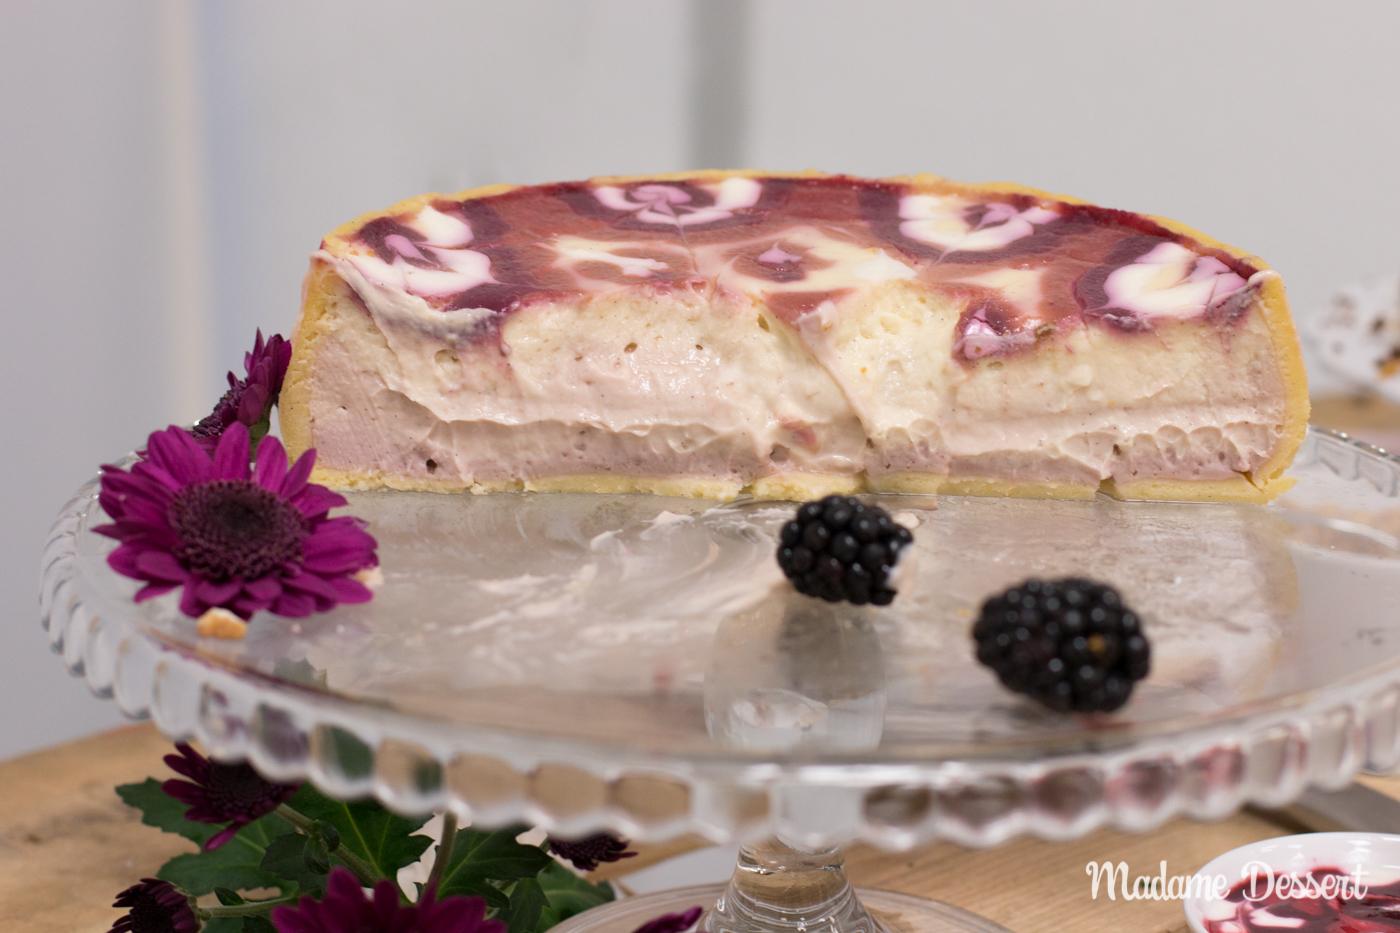 CheeseCakeOff – Käsekuchen & Cheesecake Variationen | Berry Manilow | Madame Dessert